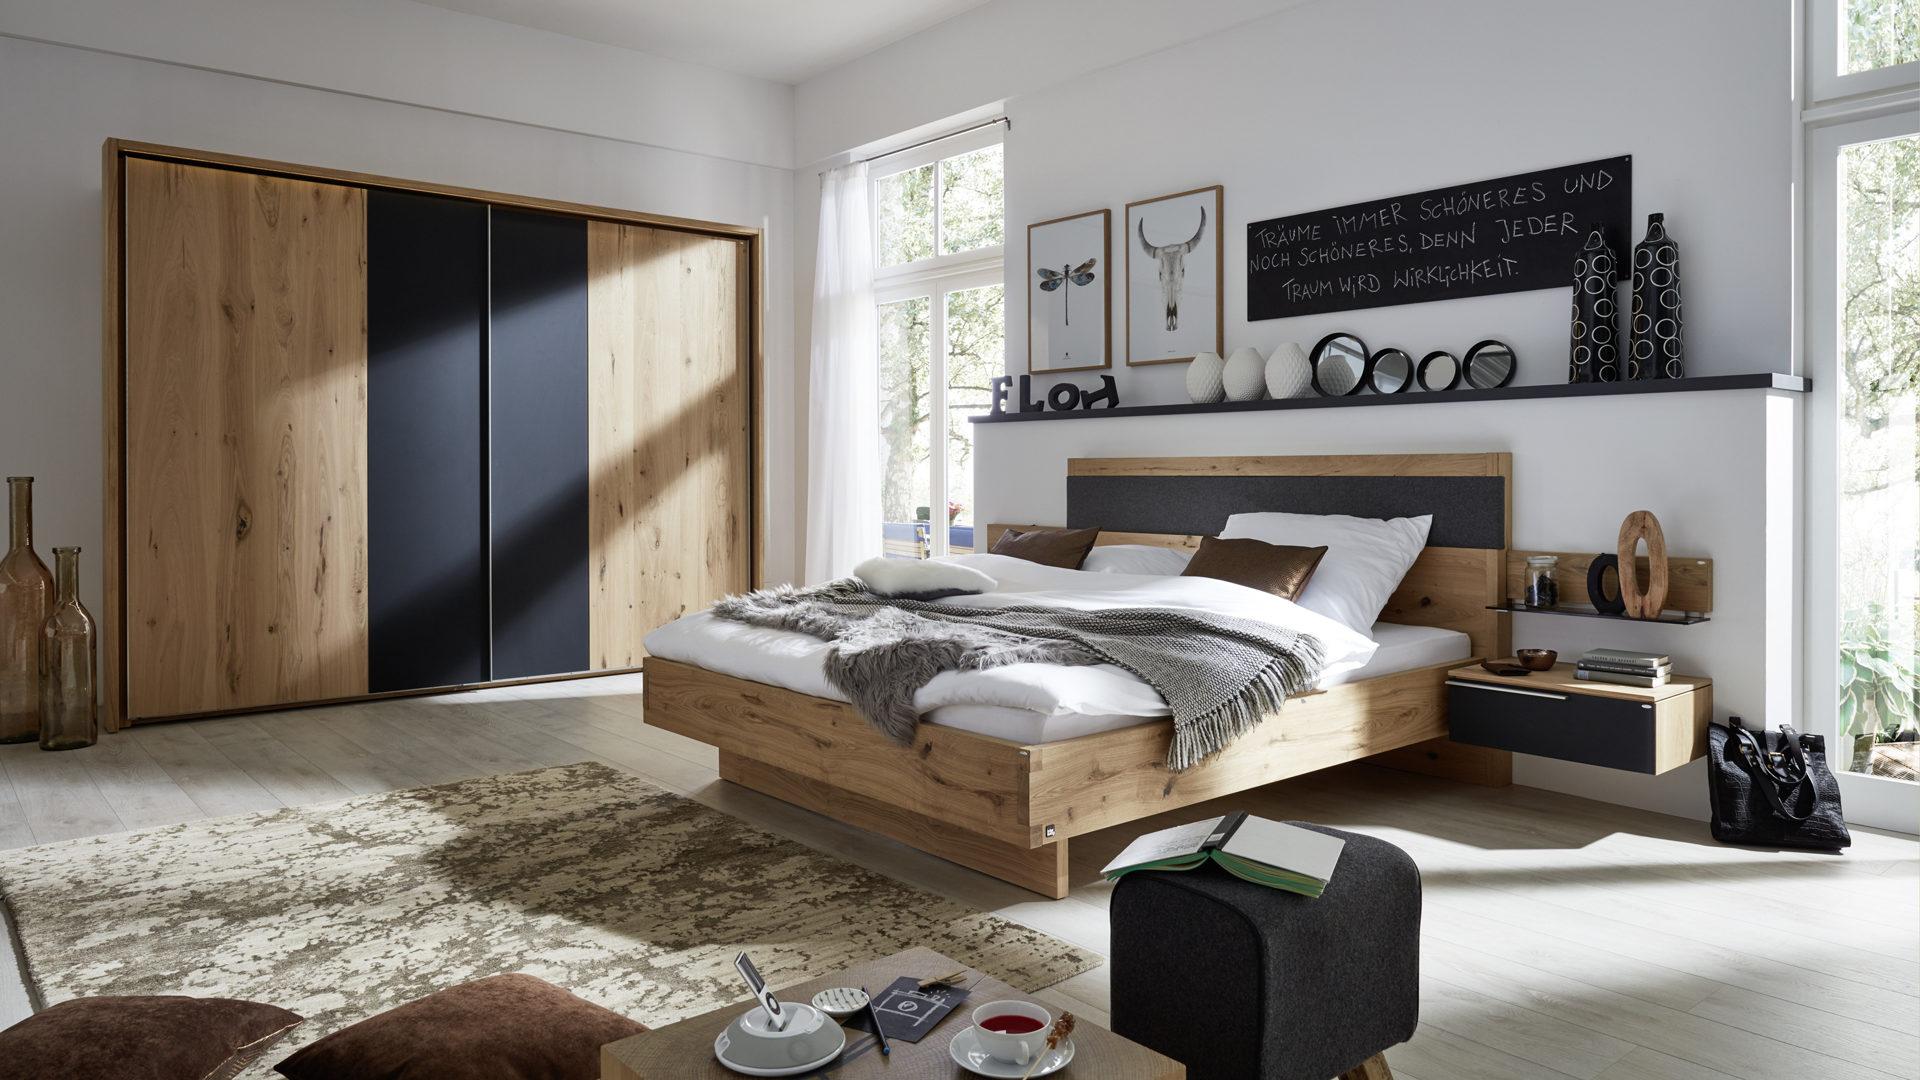 Interliving Schlafzimmer Serie 1004 Hangekonsole Alteiche Rustiko